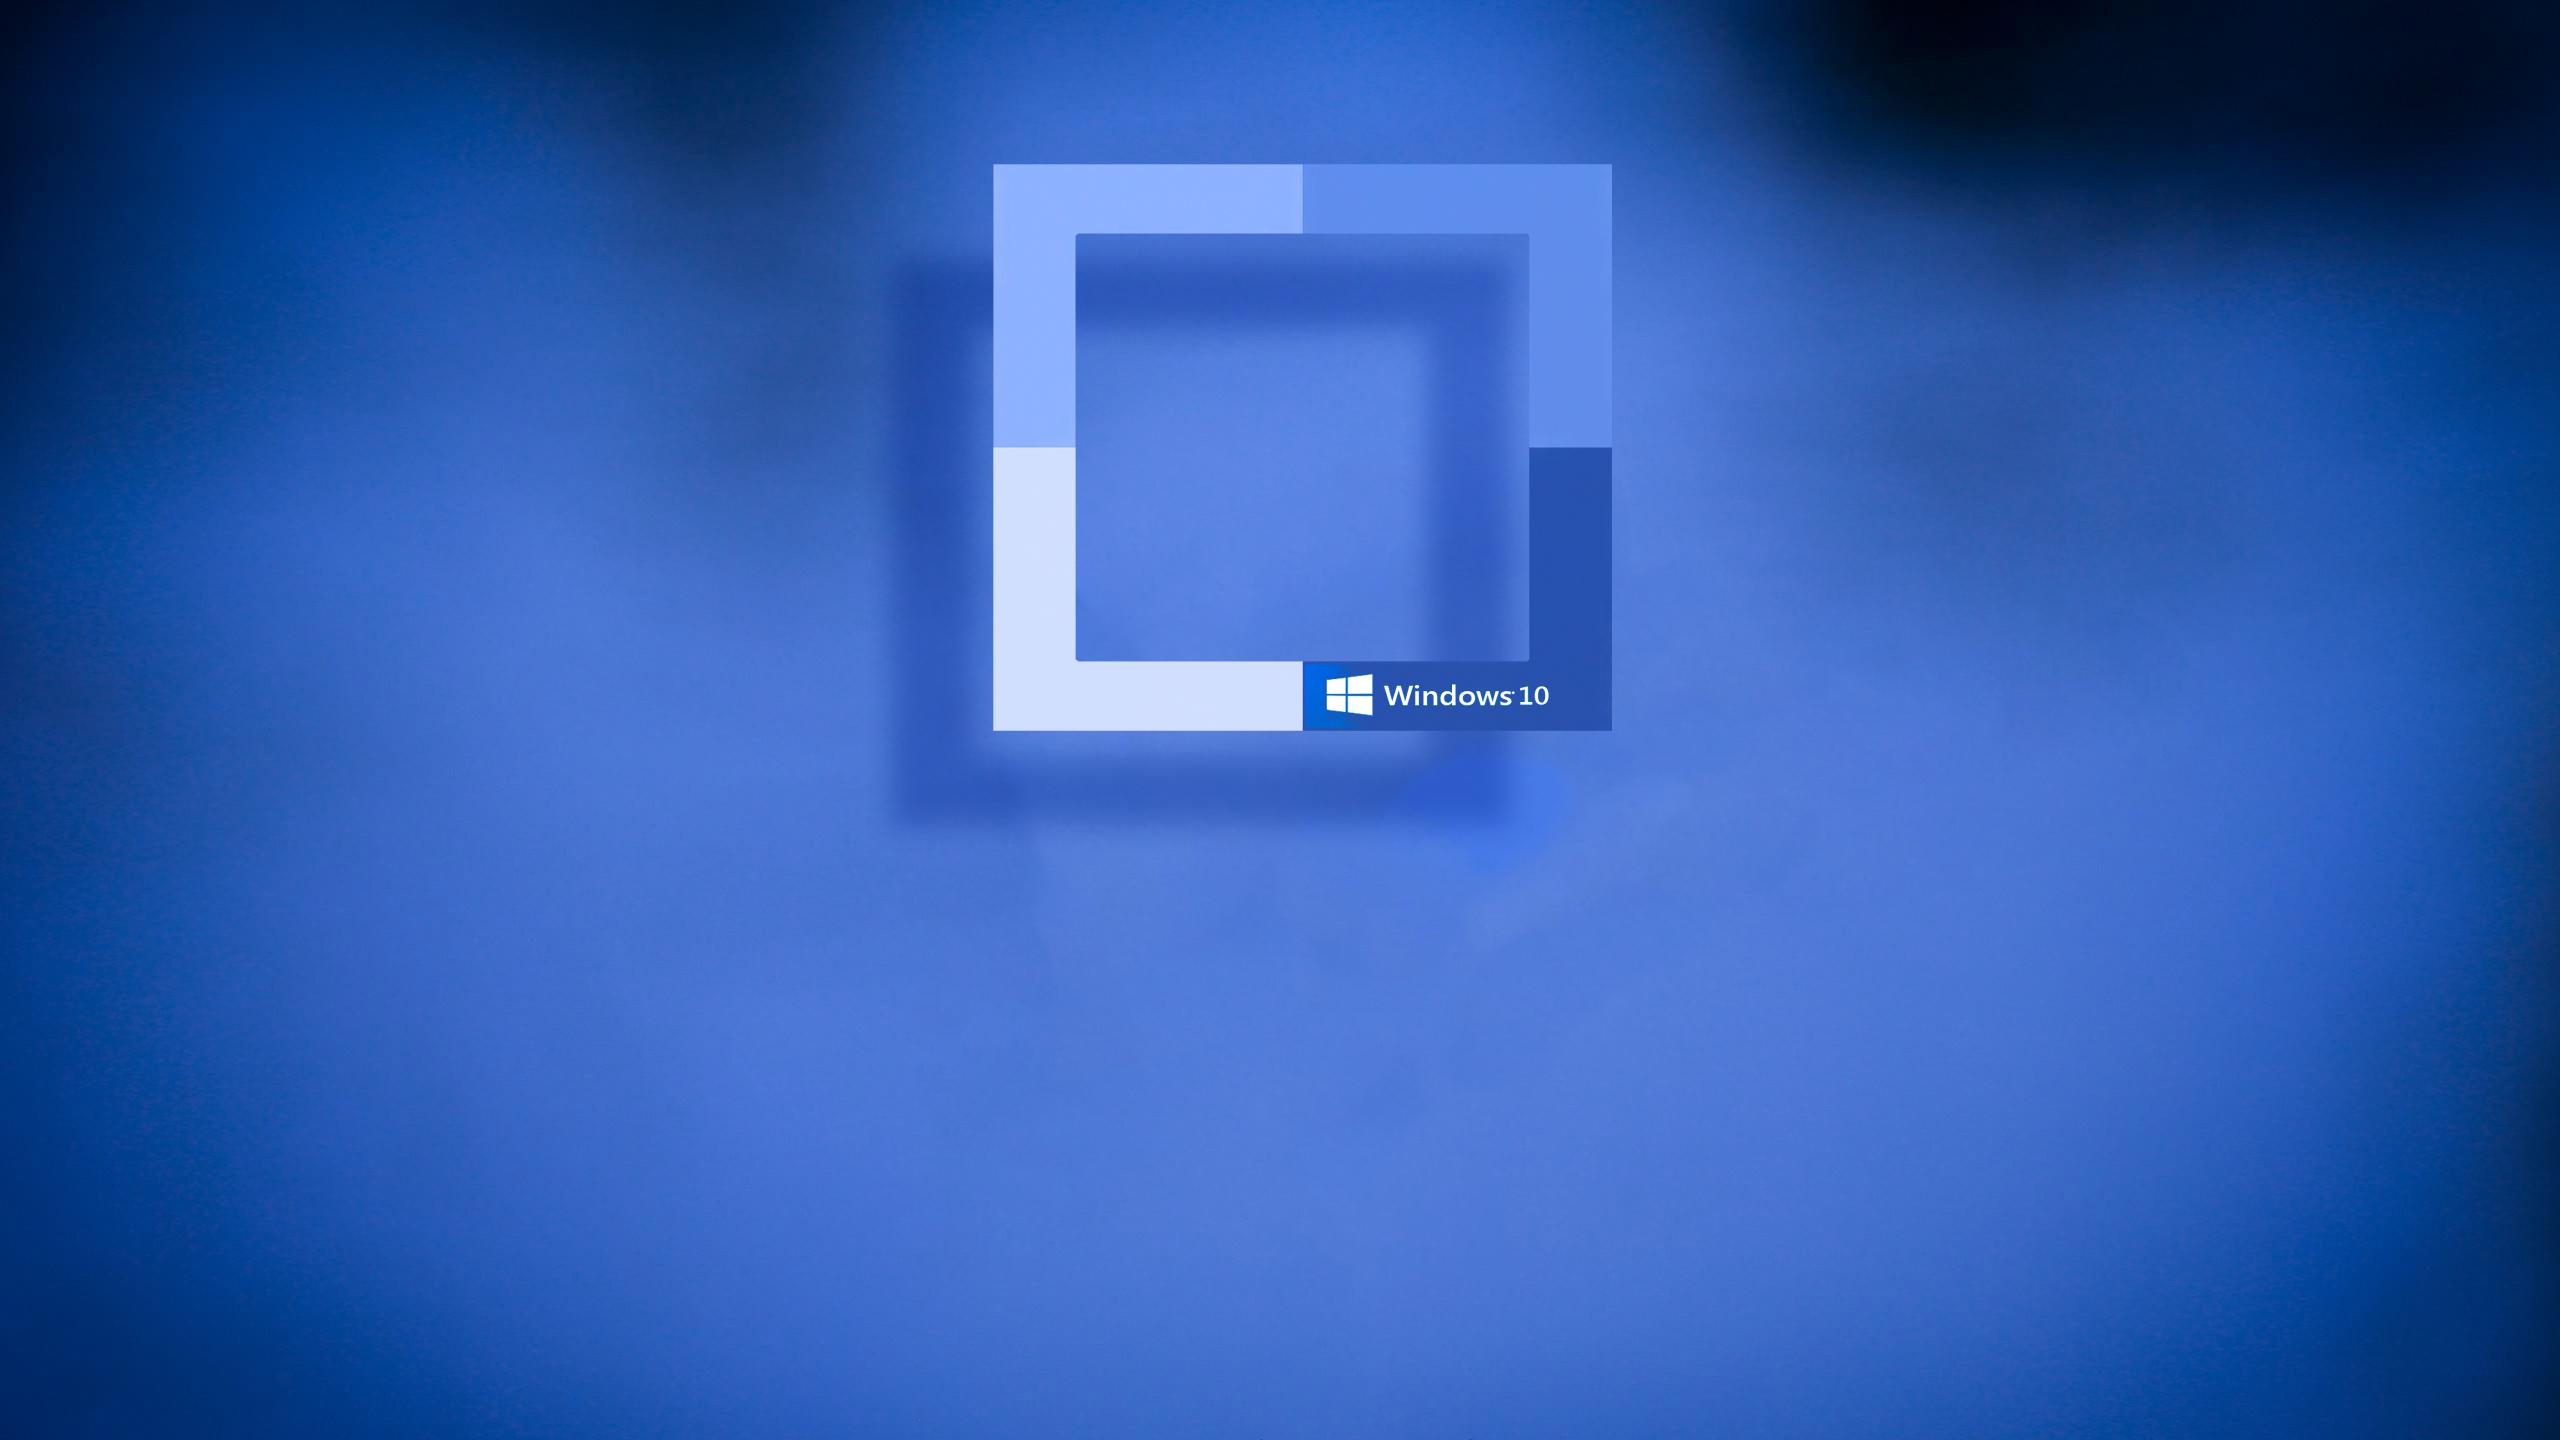 Desktop Backgrounds For Windows 10